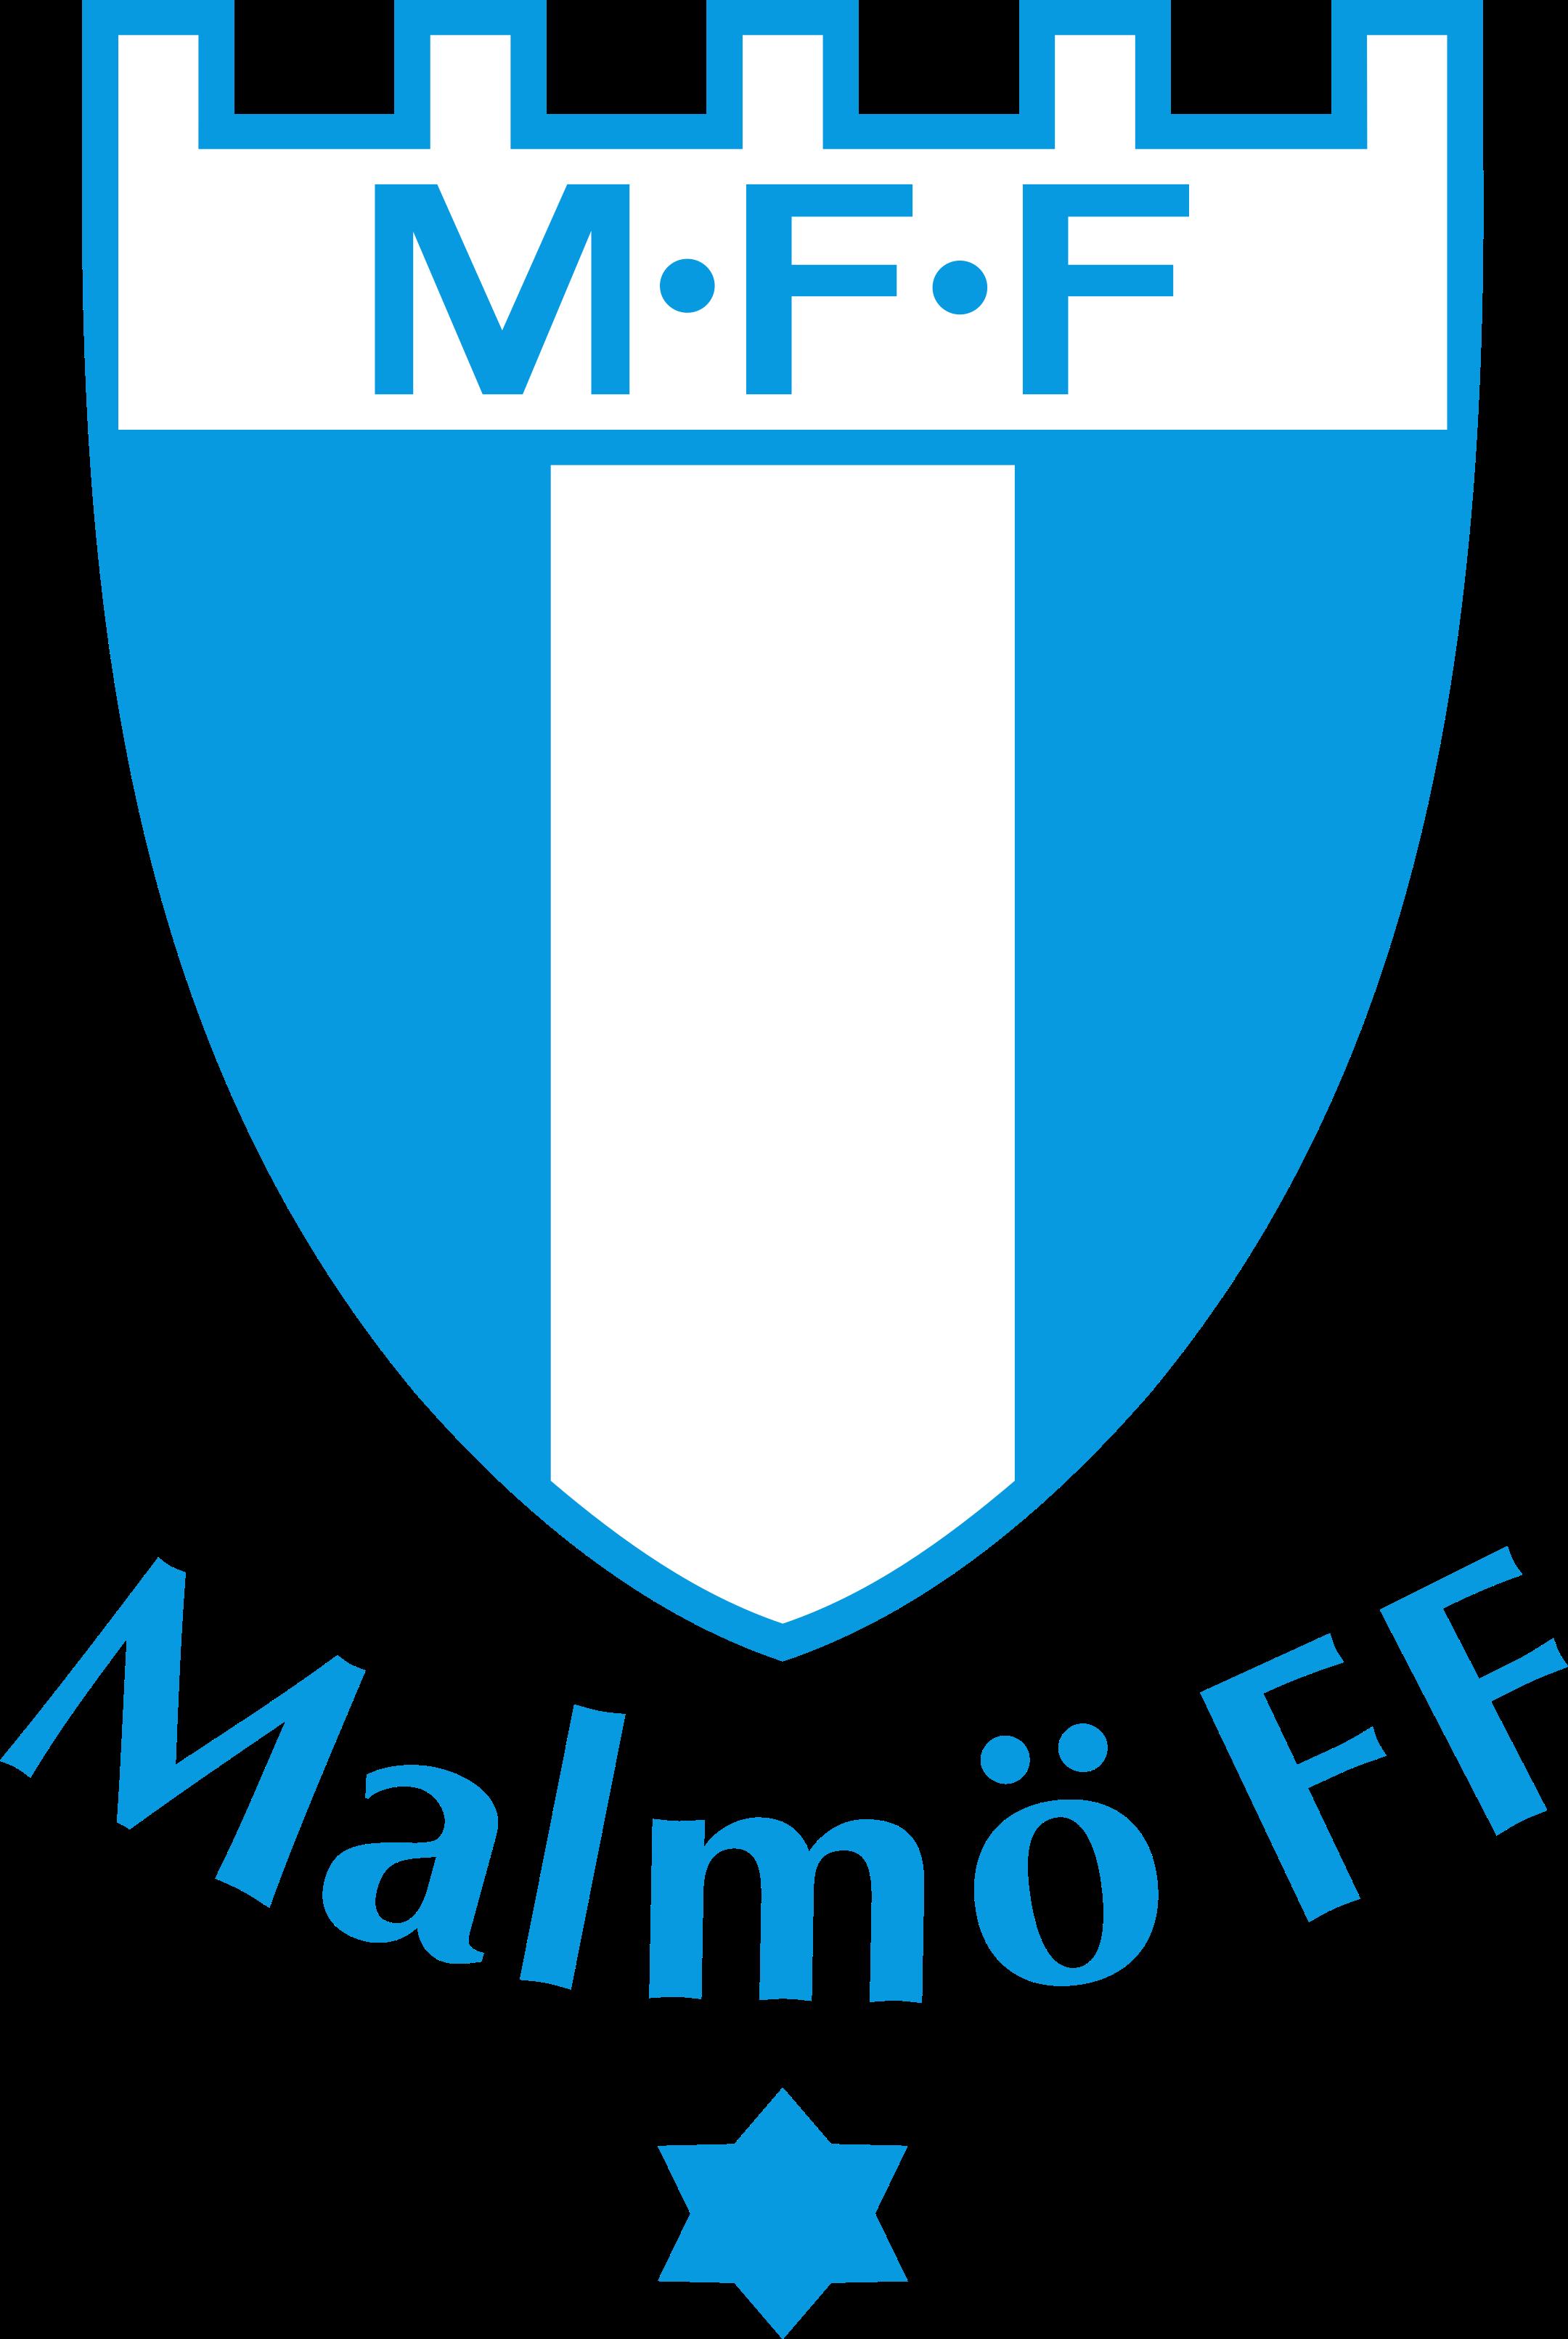 malmo ff logo 1 - Malmo FF Logo